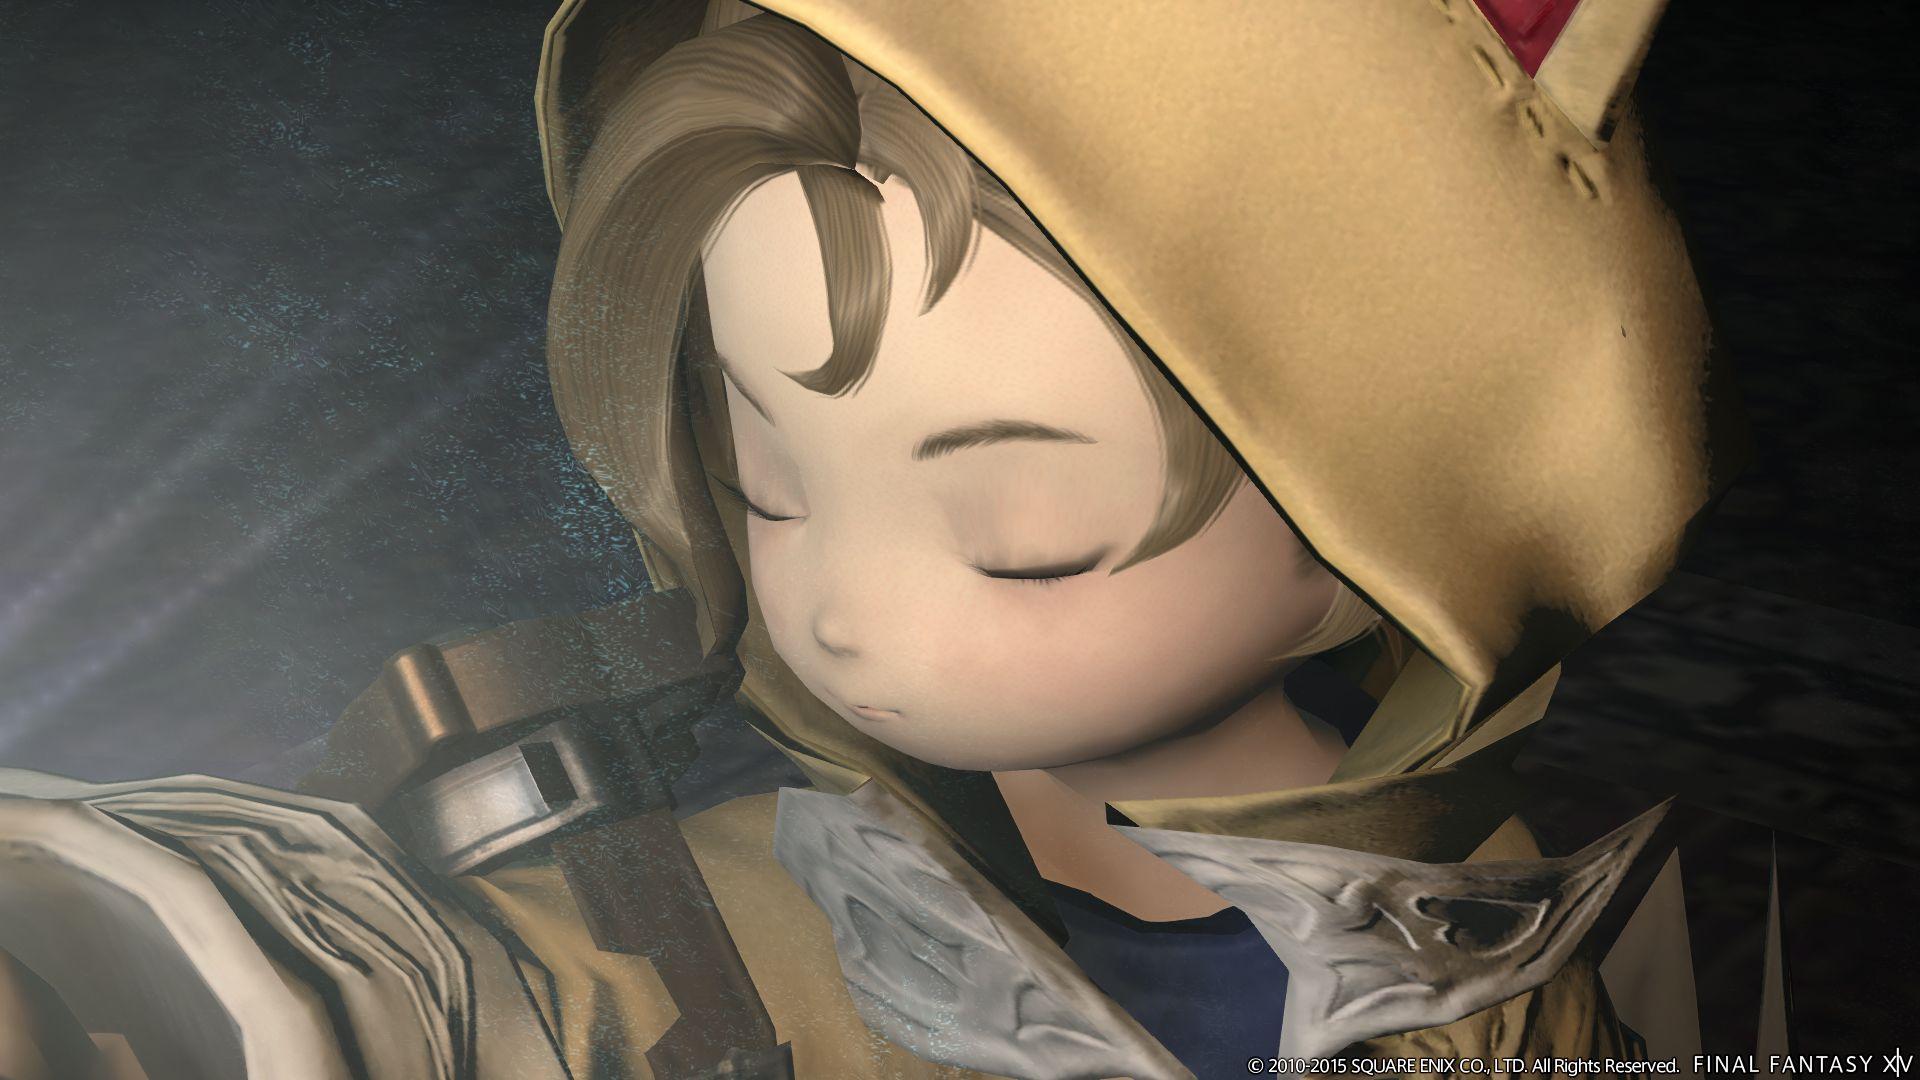 Final Fantasy XIV liefert tolle Screens zu 3.1, Serverumzug nächste Woche